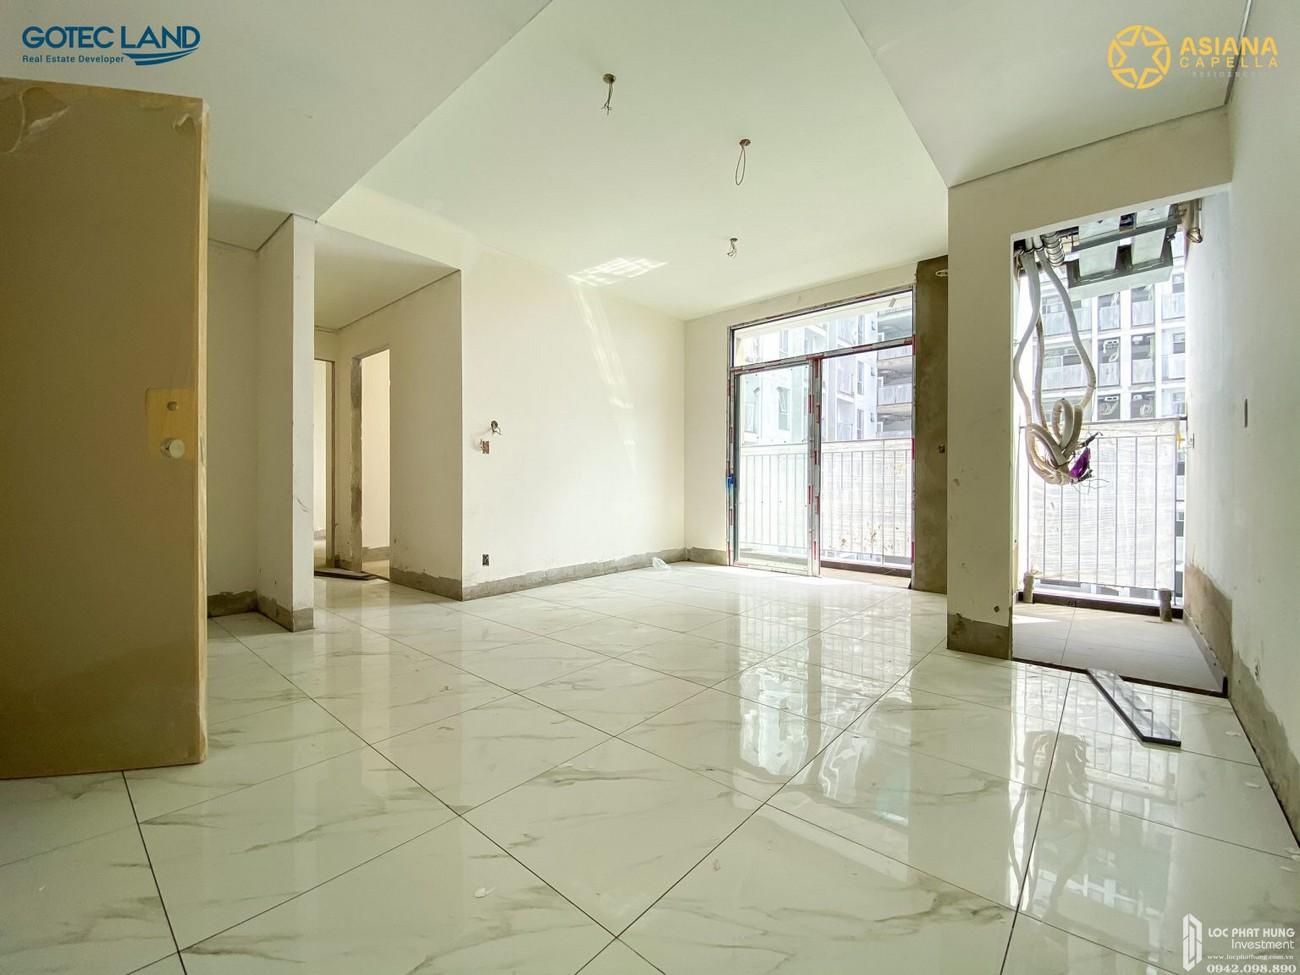 Tiến độ Asiana Capella dự án căn hộ chung cư Quận 6 Đường 184 Trần Văn Kiểu chủ đầu tư Gotec Land